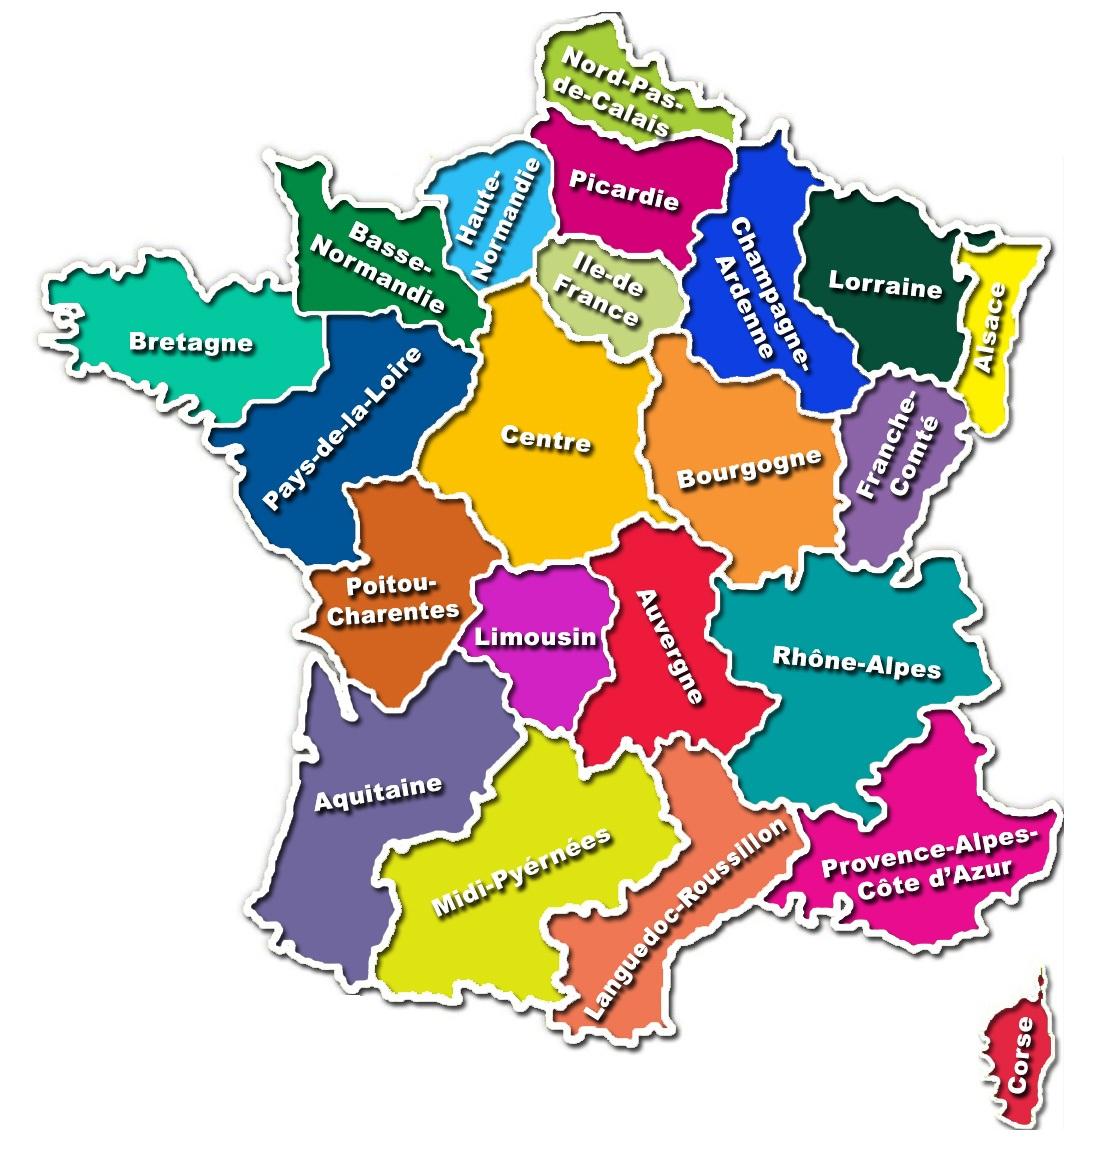 Liste des régions et départements